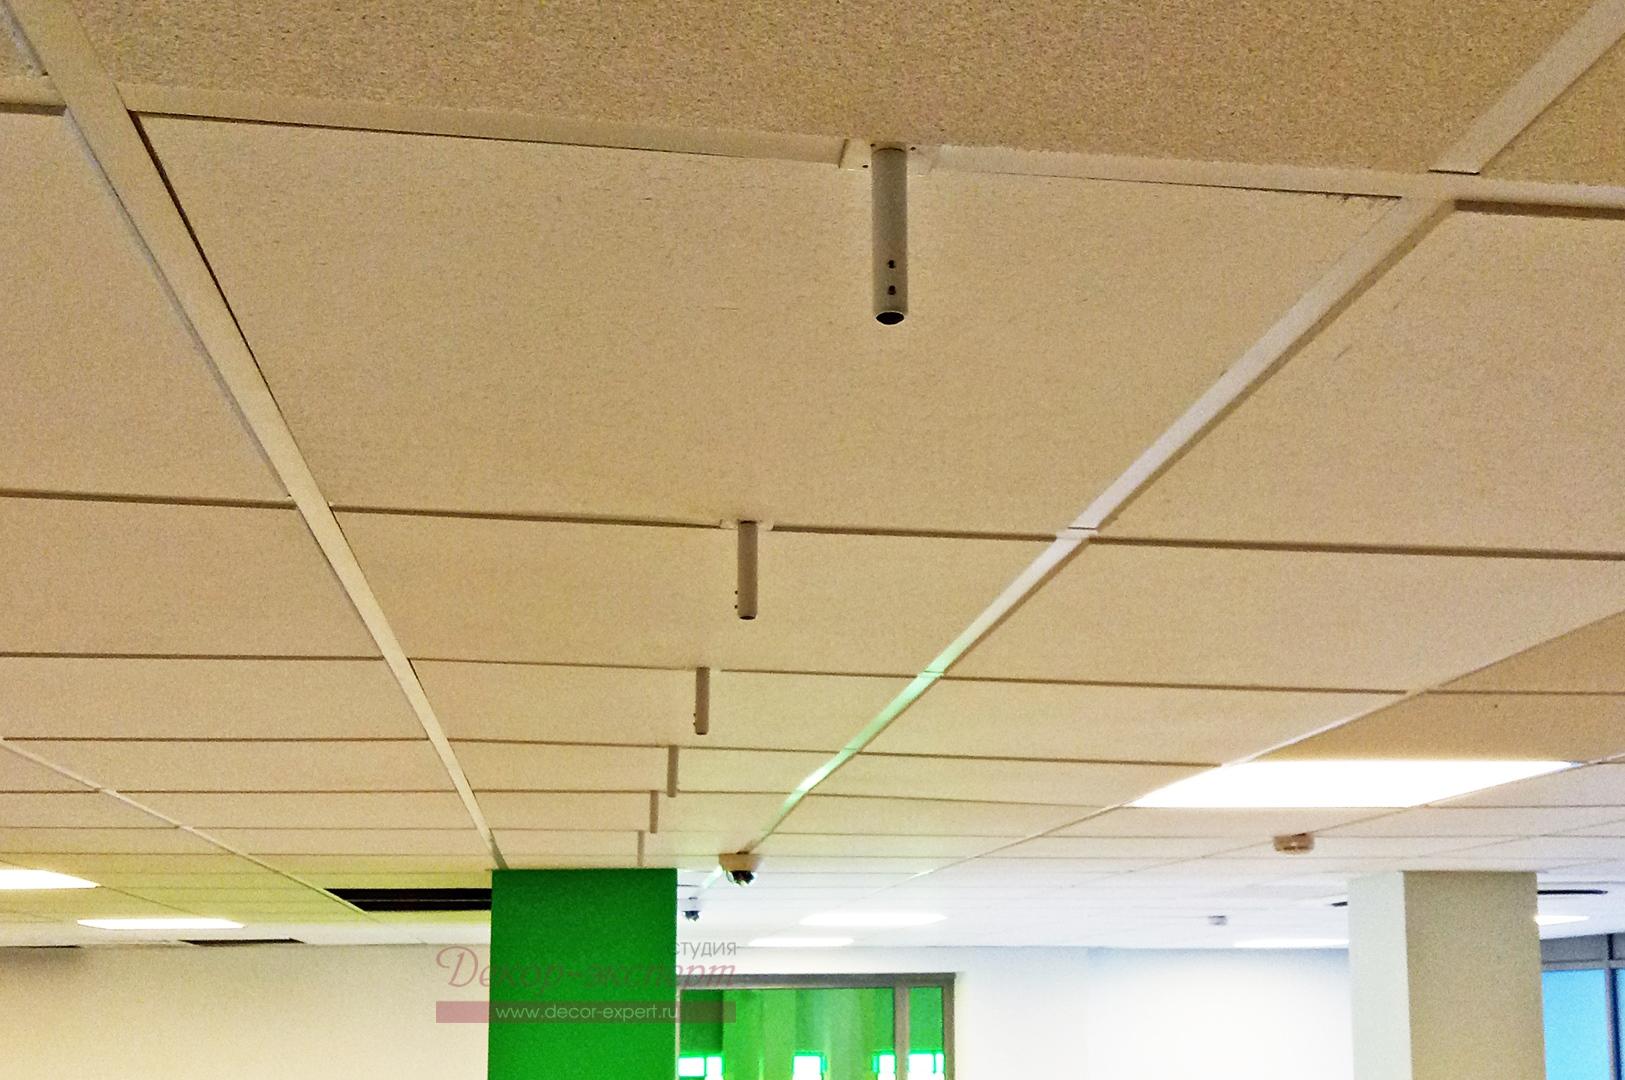 Гильзы и кронштейны закреплены на потолоке.